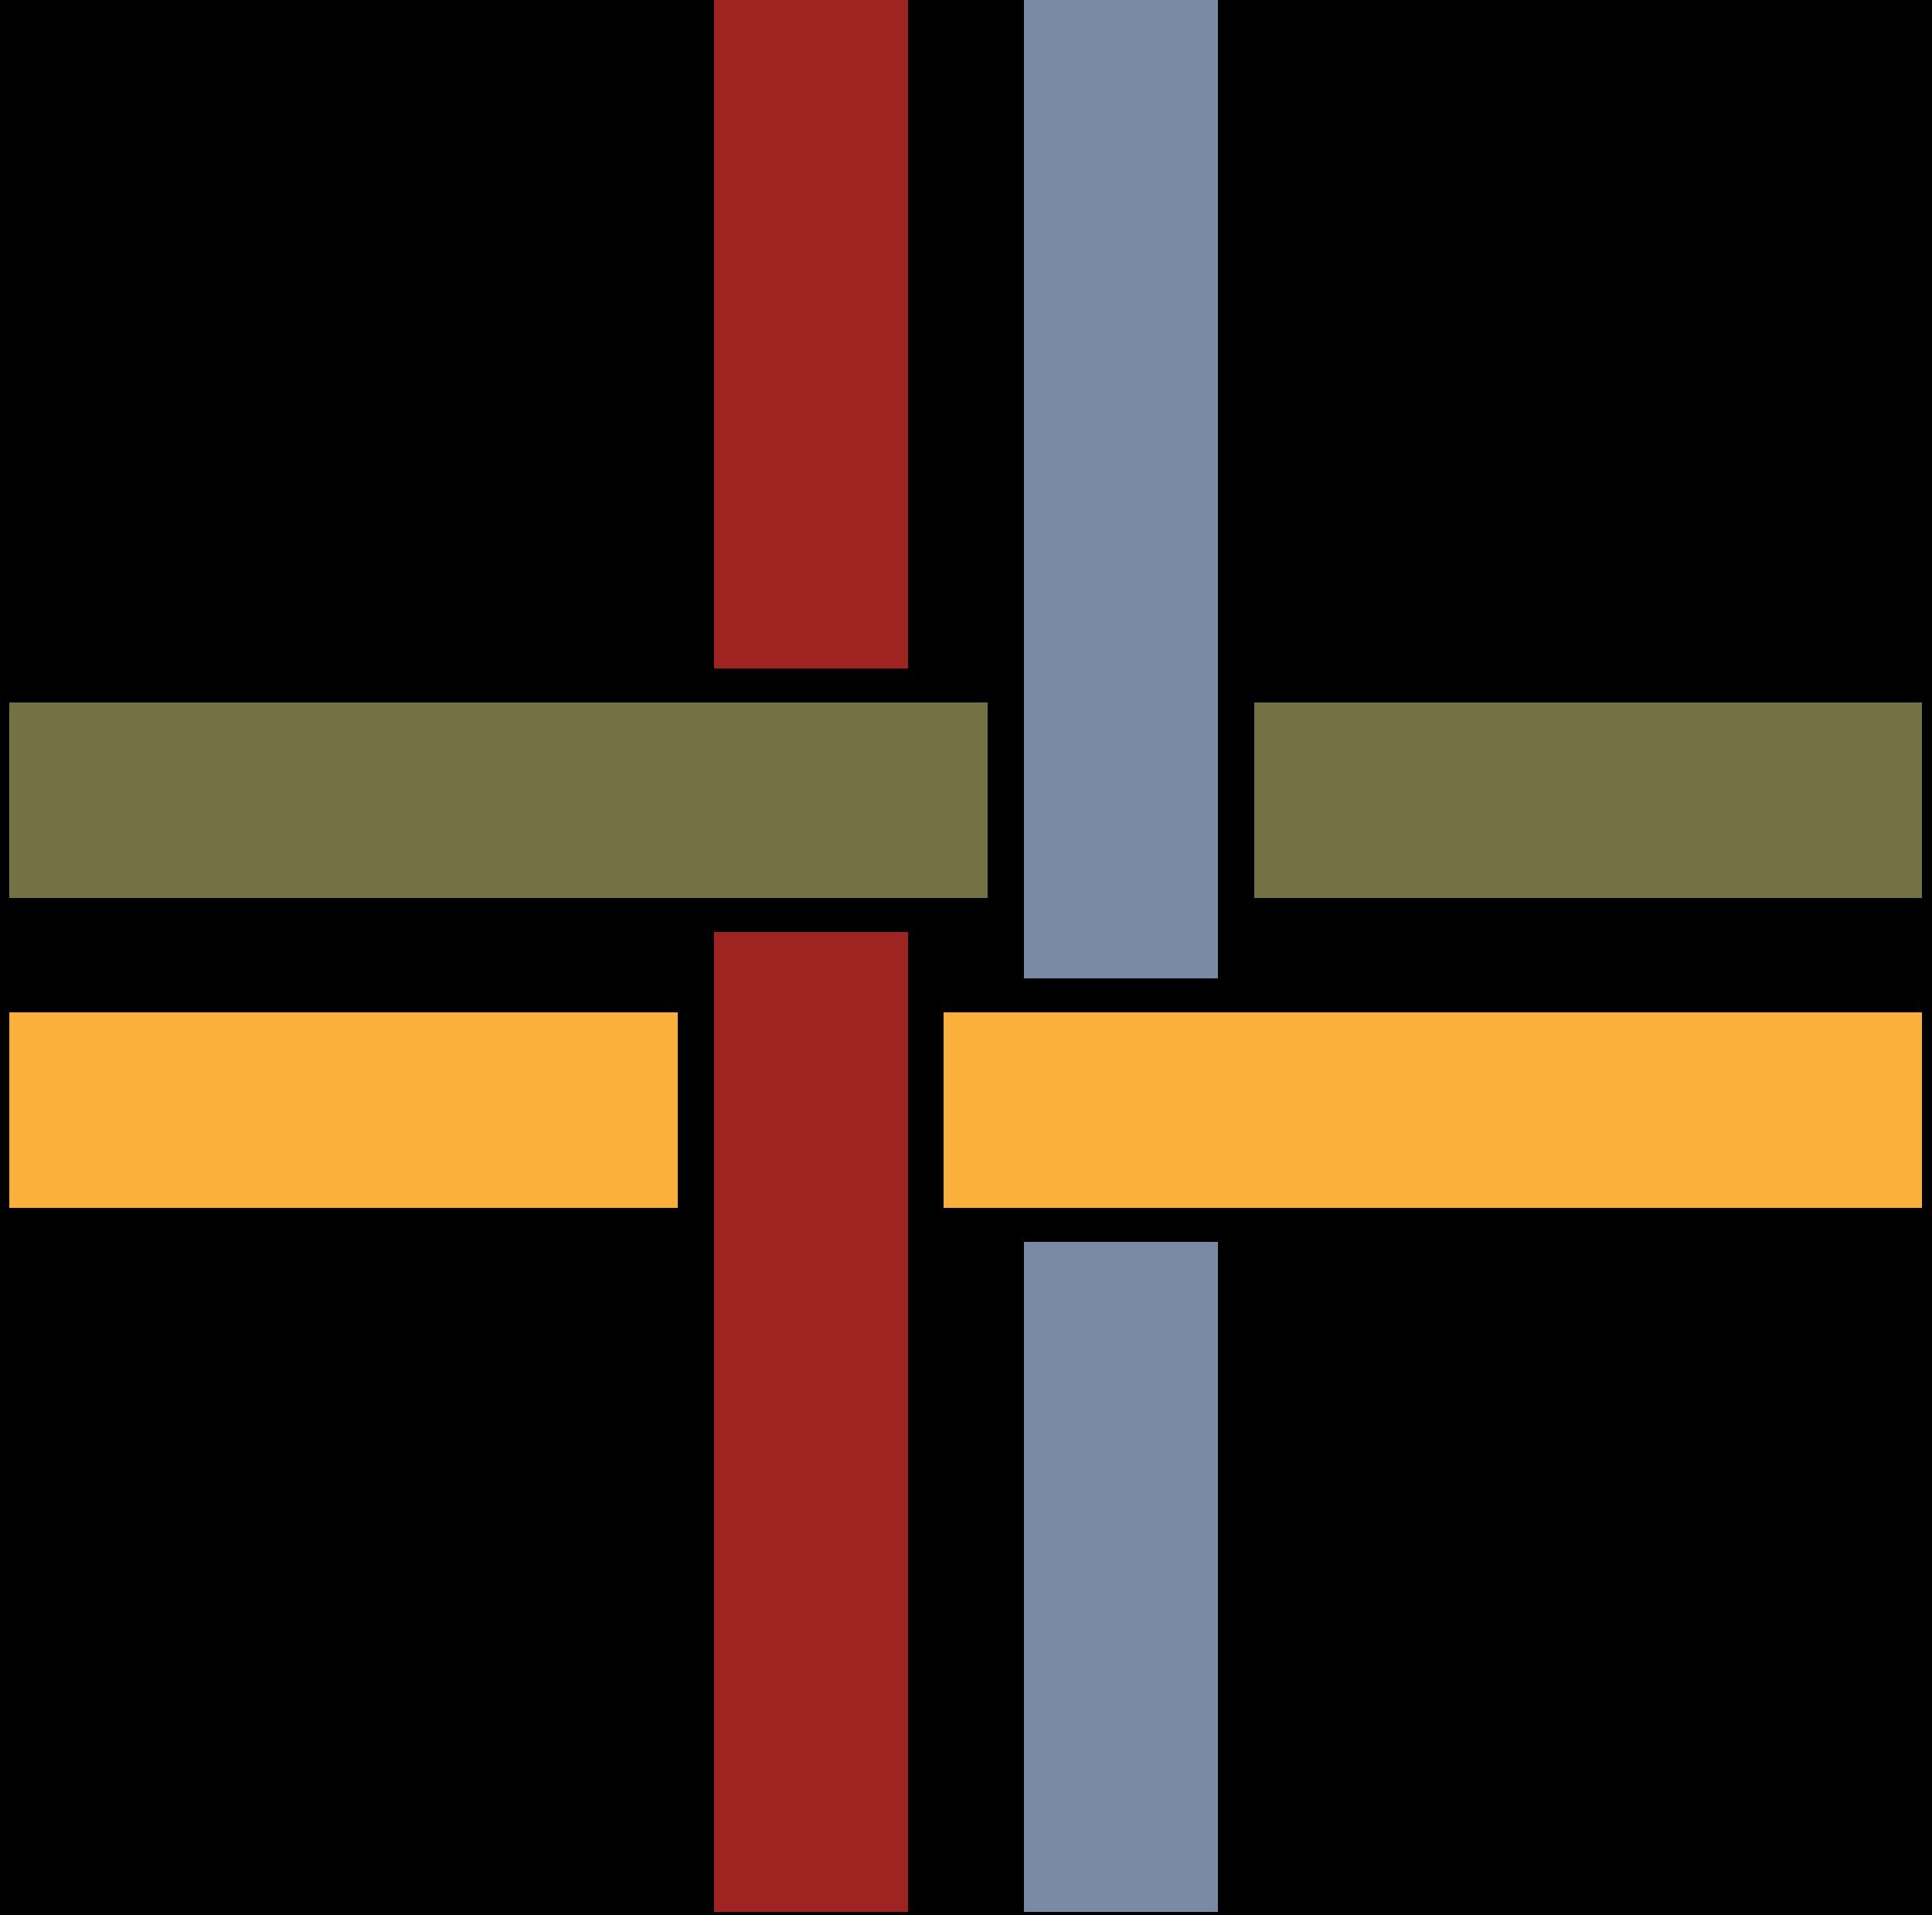 logochurchstackedfullcolorlargeicon.png